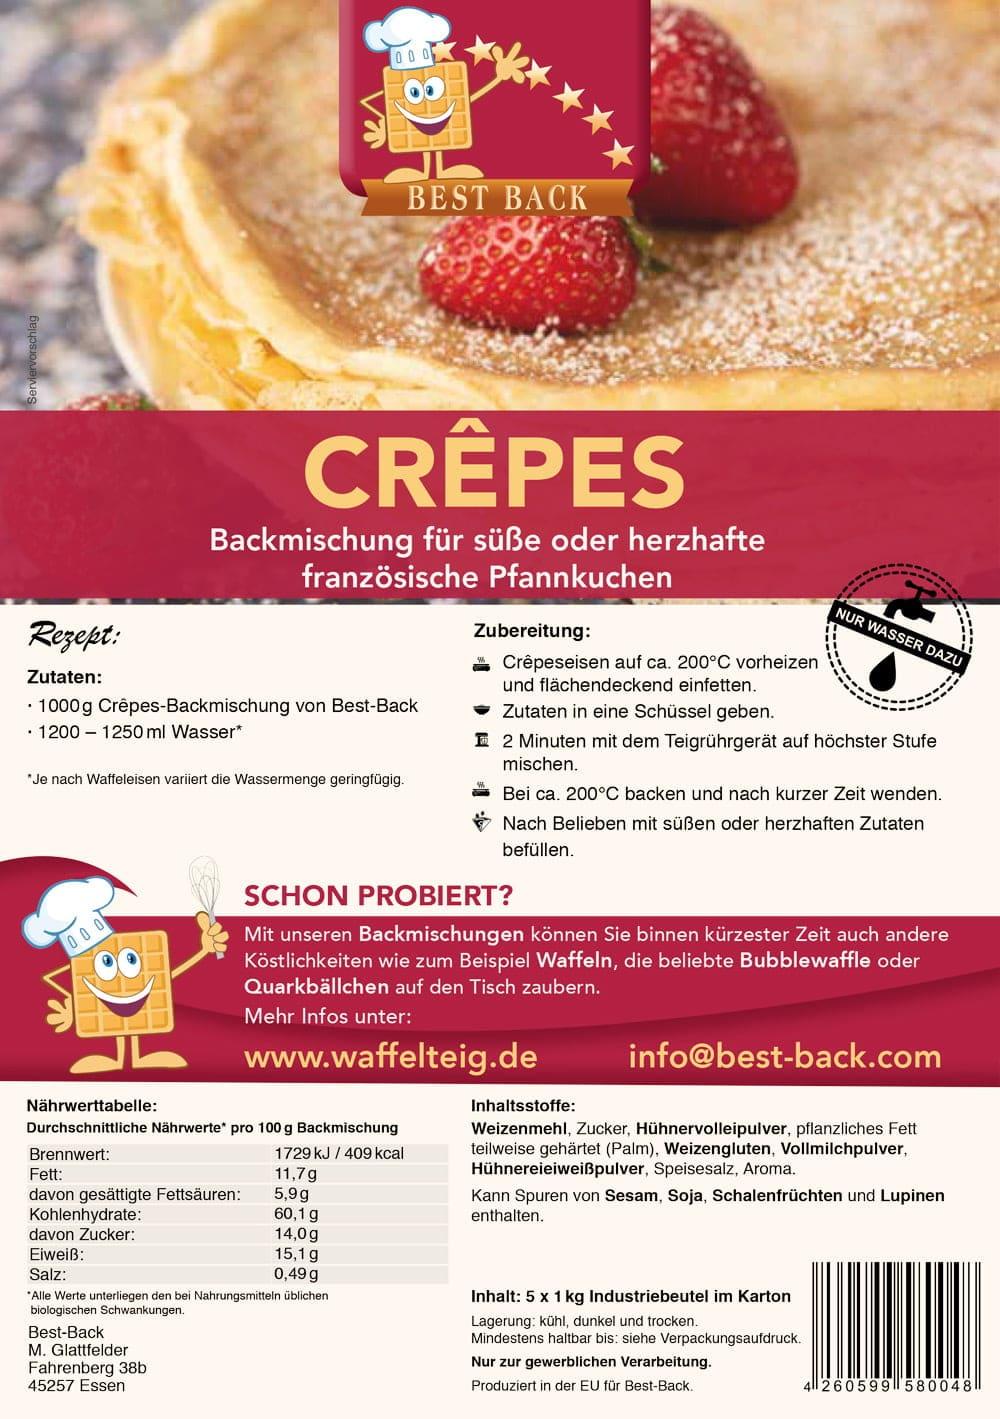 Label Crêpes - Best-Back Vertrieb - einfach, schnell & vielfältig